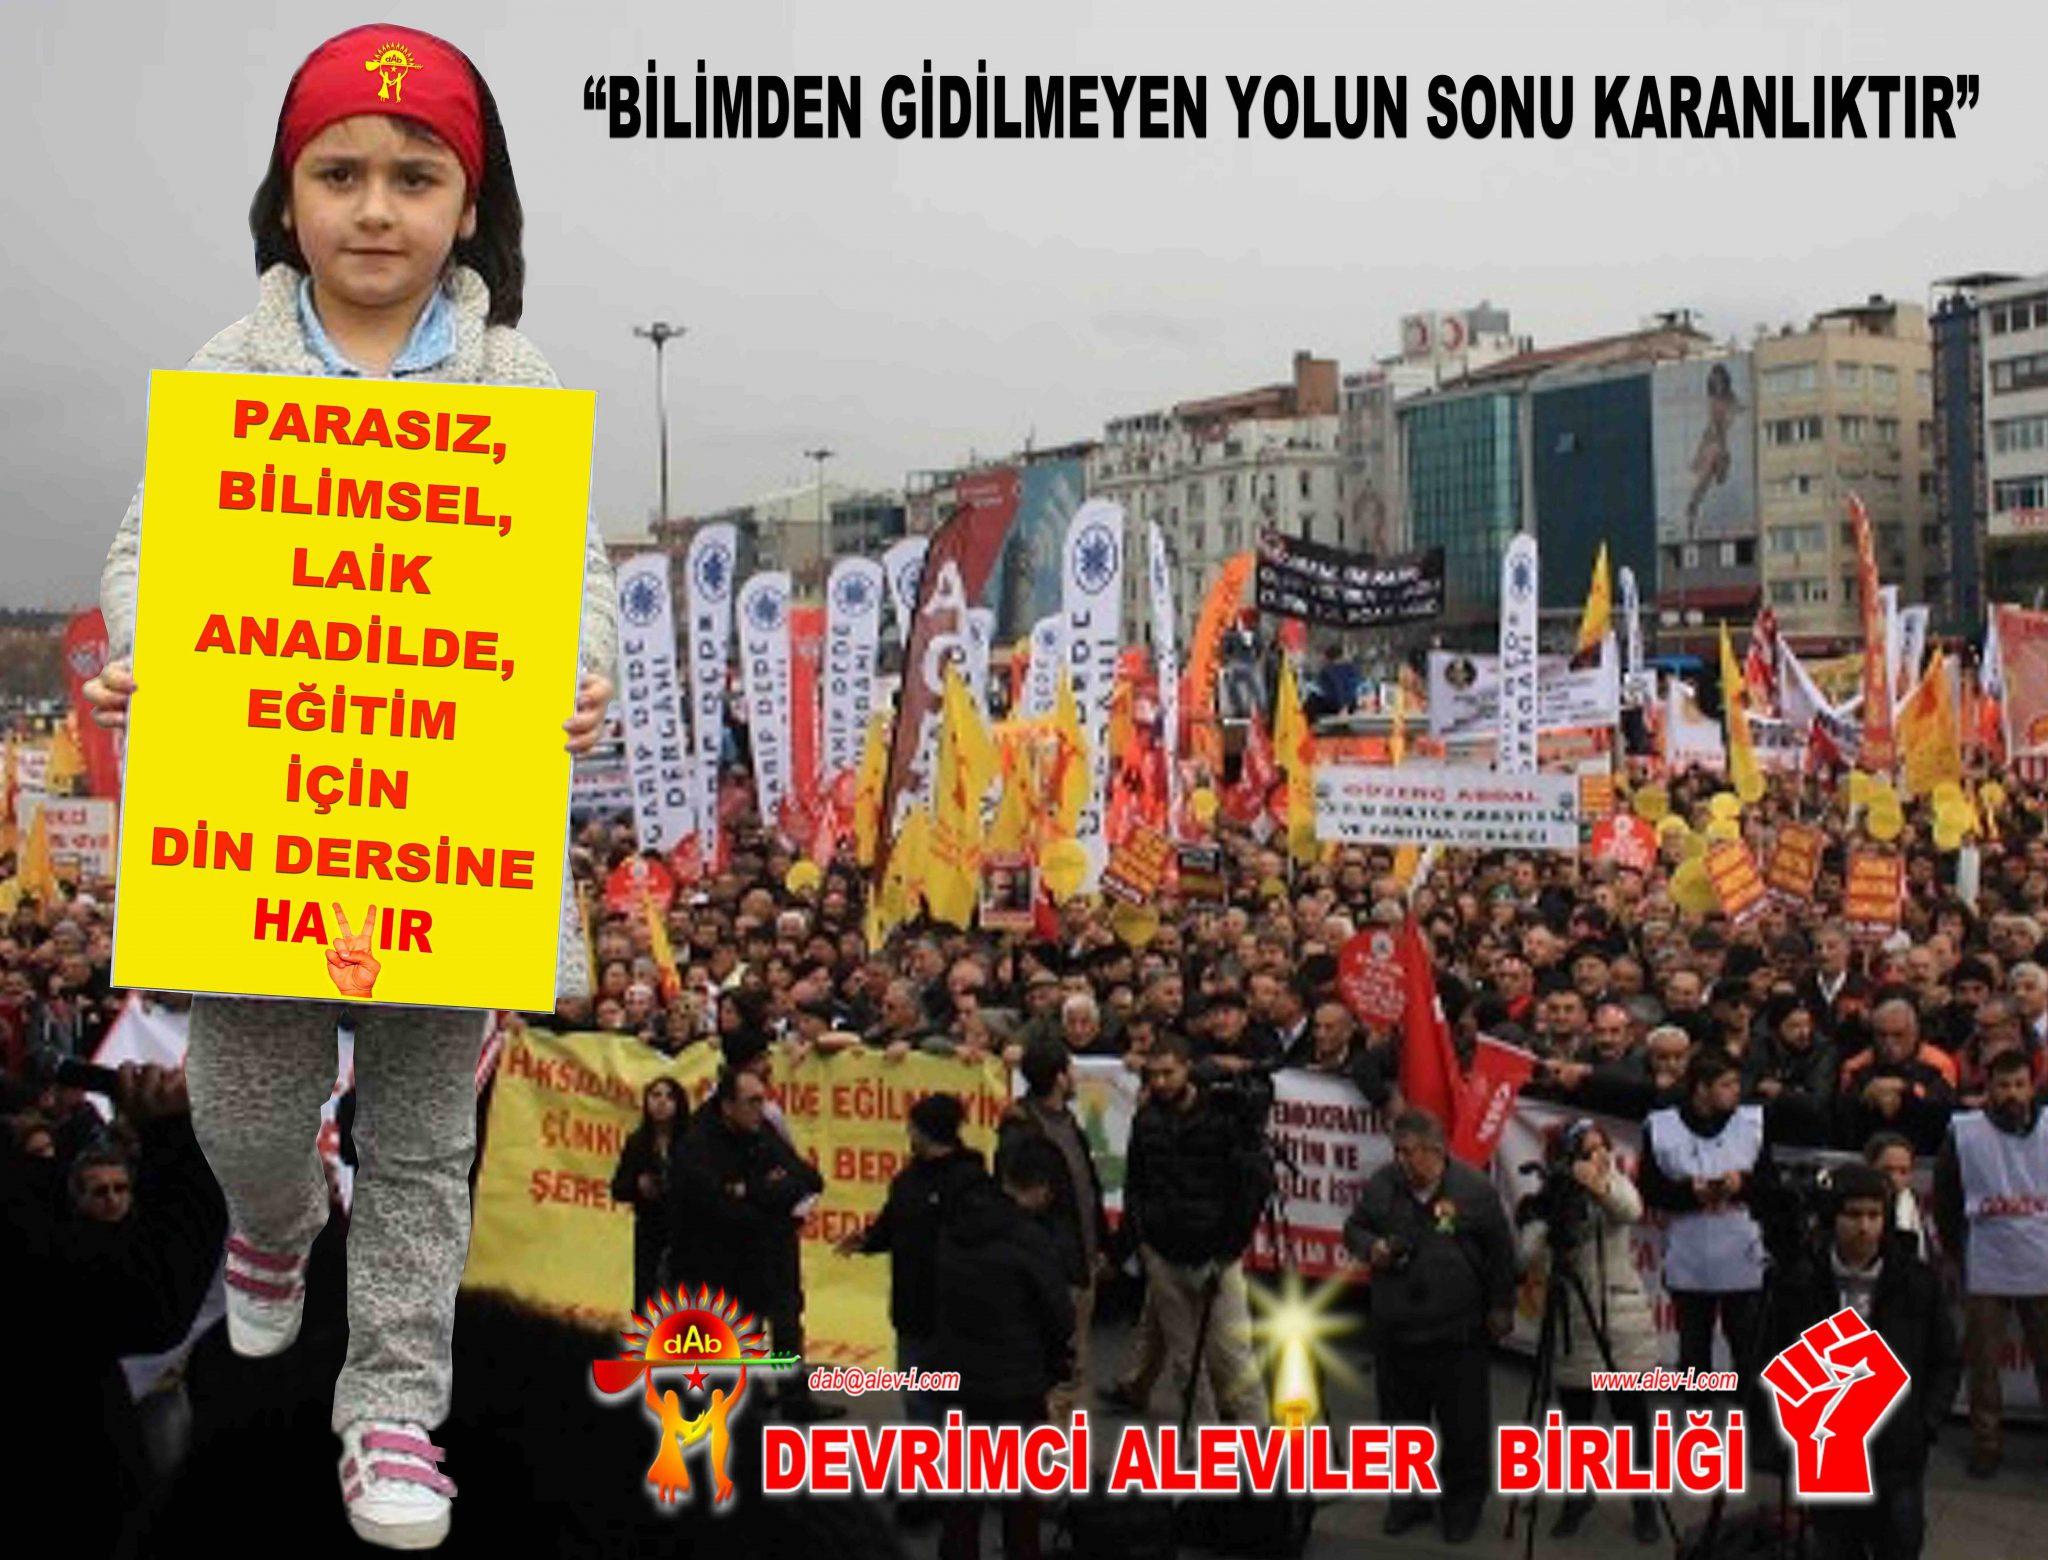 003 Devrimci Aleviler Birliği DAB Alevi Kızılbaş Bektaşi pir sultan cem hz Ali 12 imam semah Feramuz Şah Acar DAB dindersine hayır copy